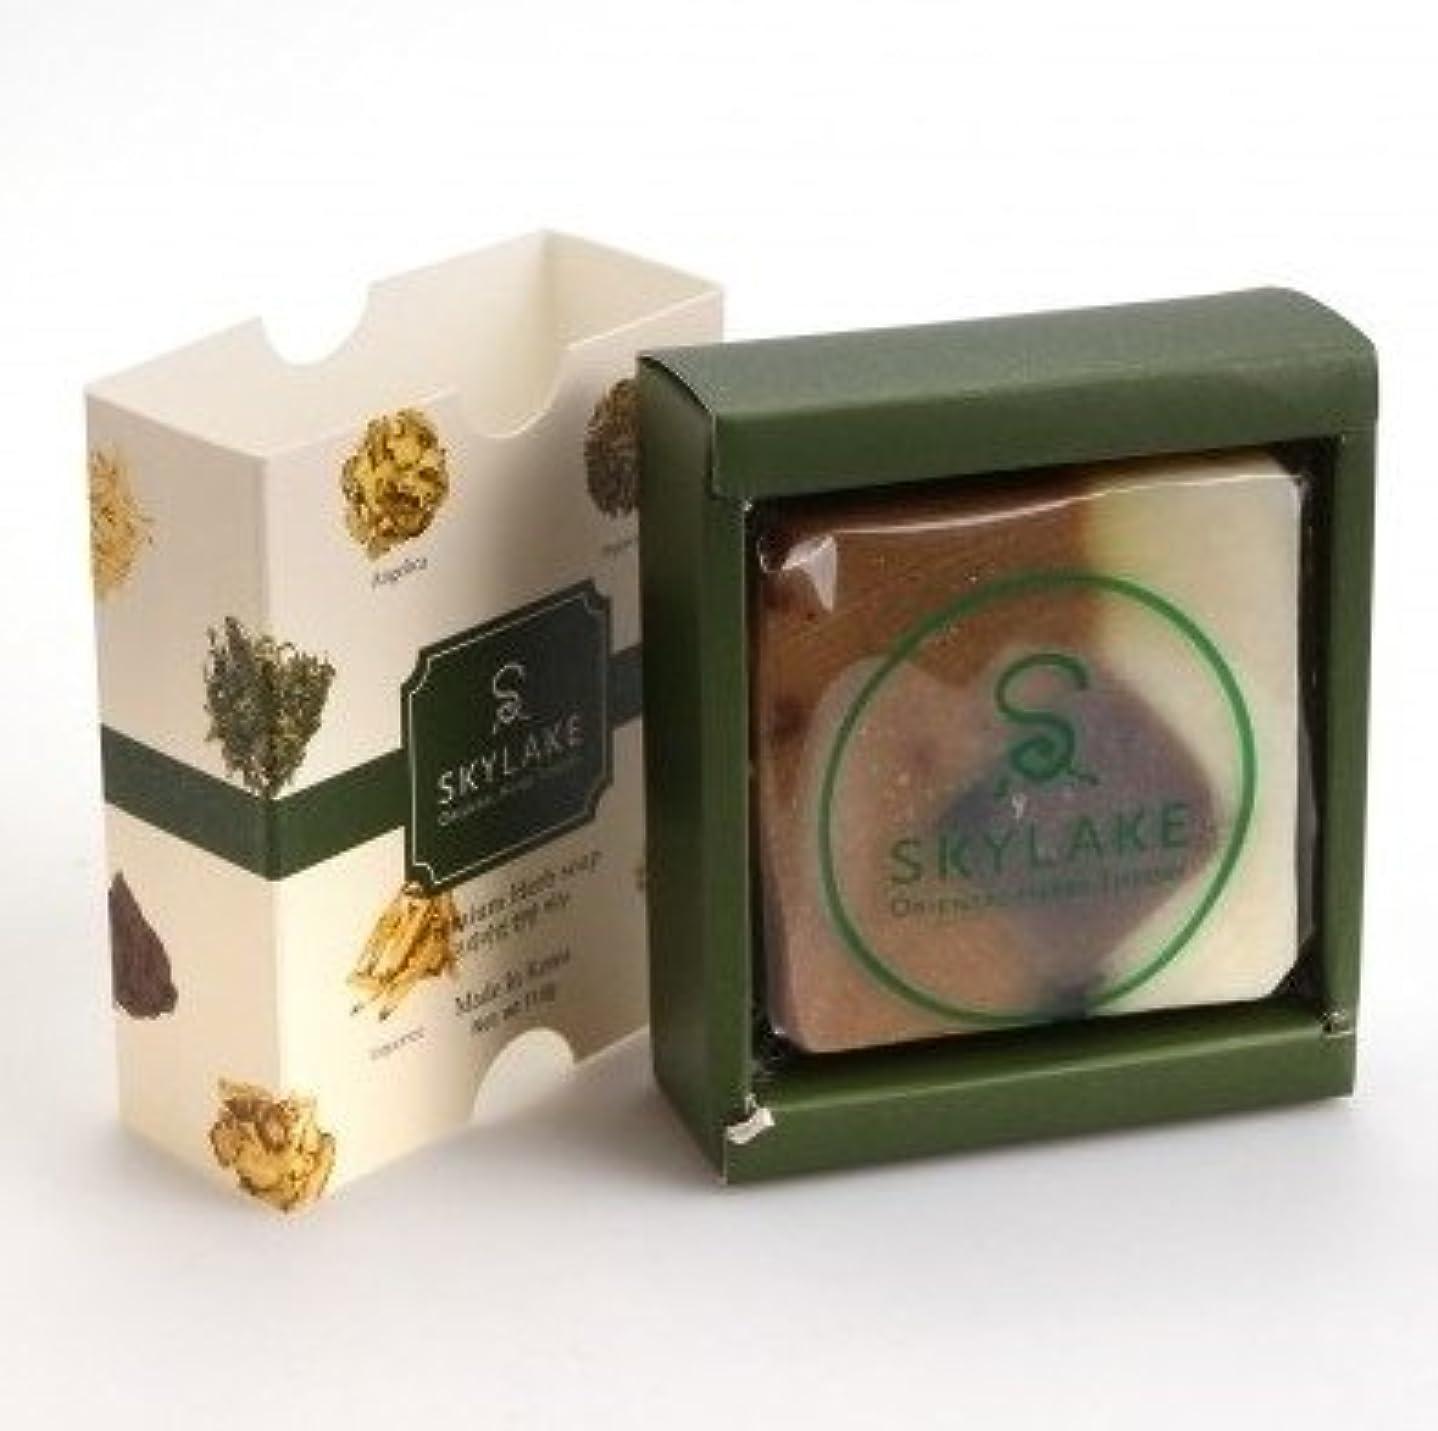 放棄されたワイプ共産主義ハヌルホス[Skylake] 漢方アロマ石鹸Oriental Herbs Theory Soap (プレミアム 手作り漢方)